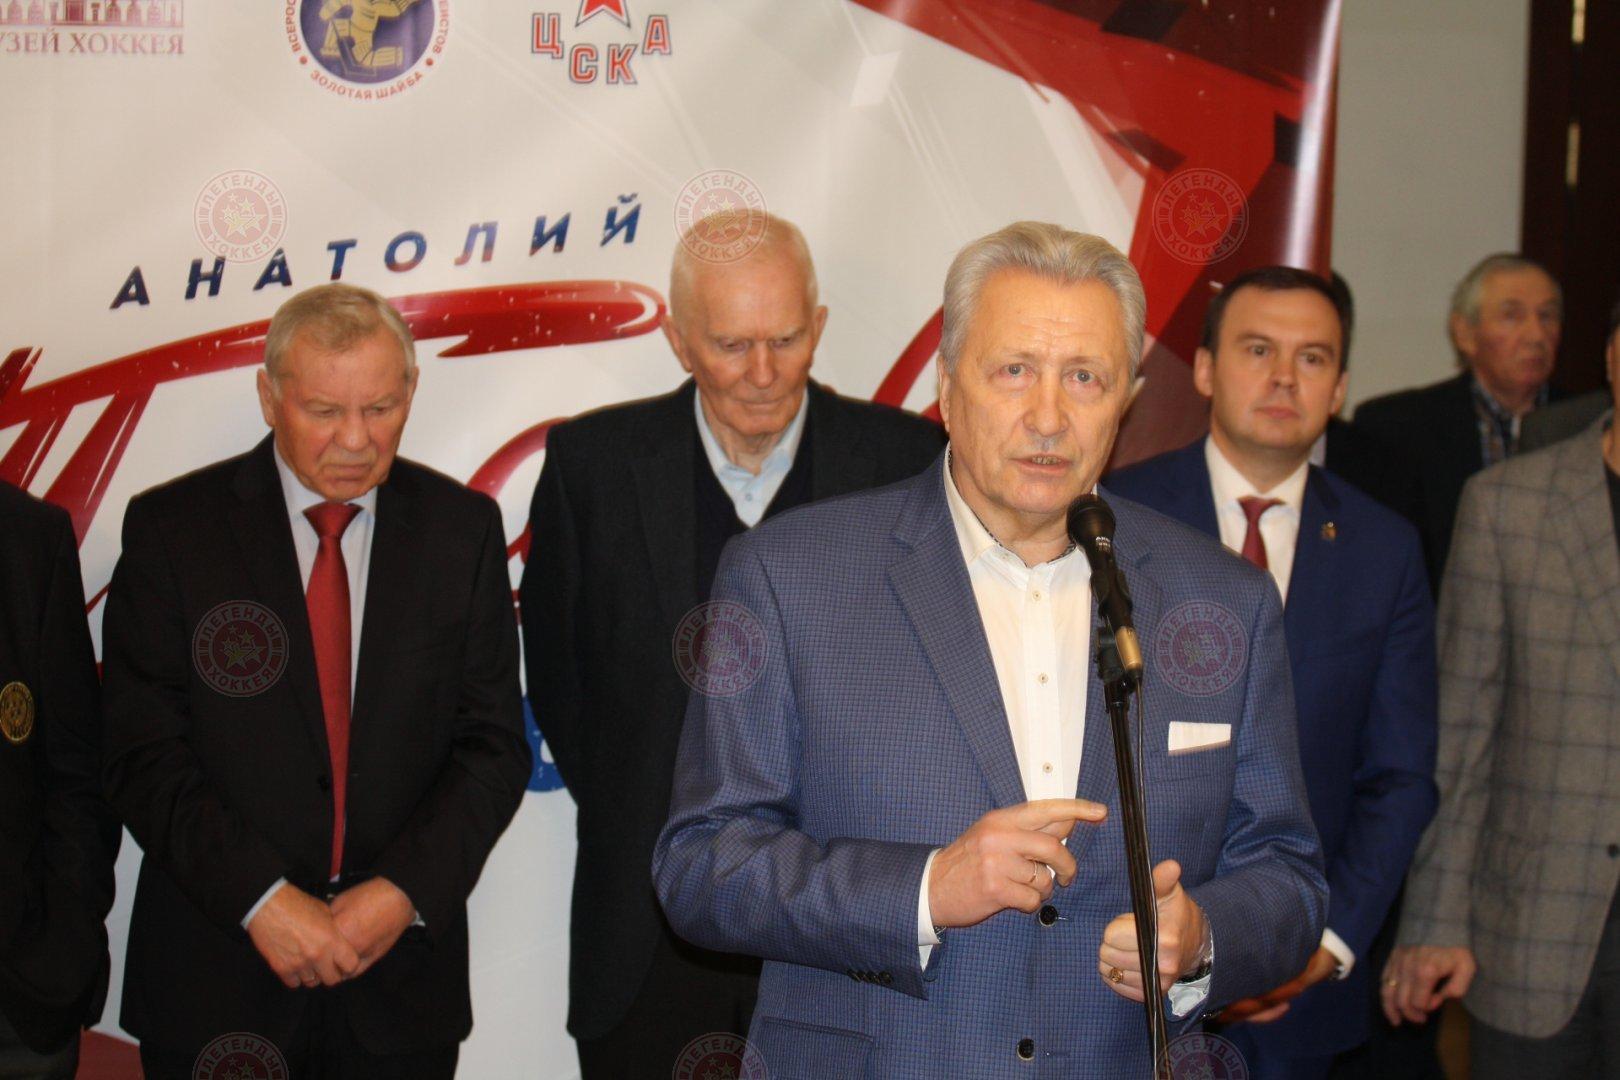 Легенды приняли участие в открытии выставки посвященной Тарасову